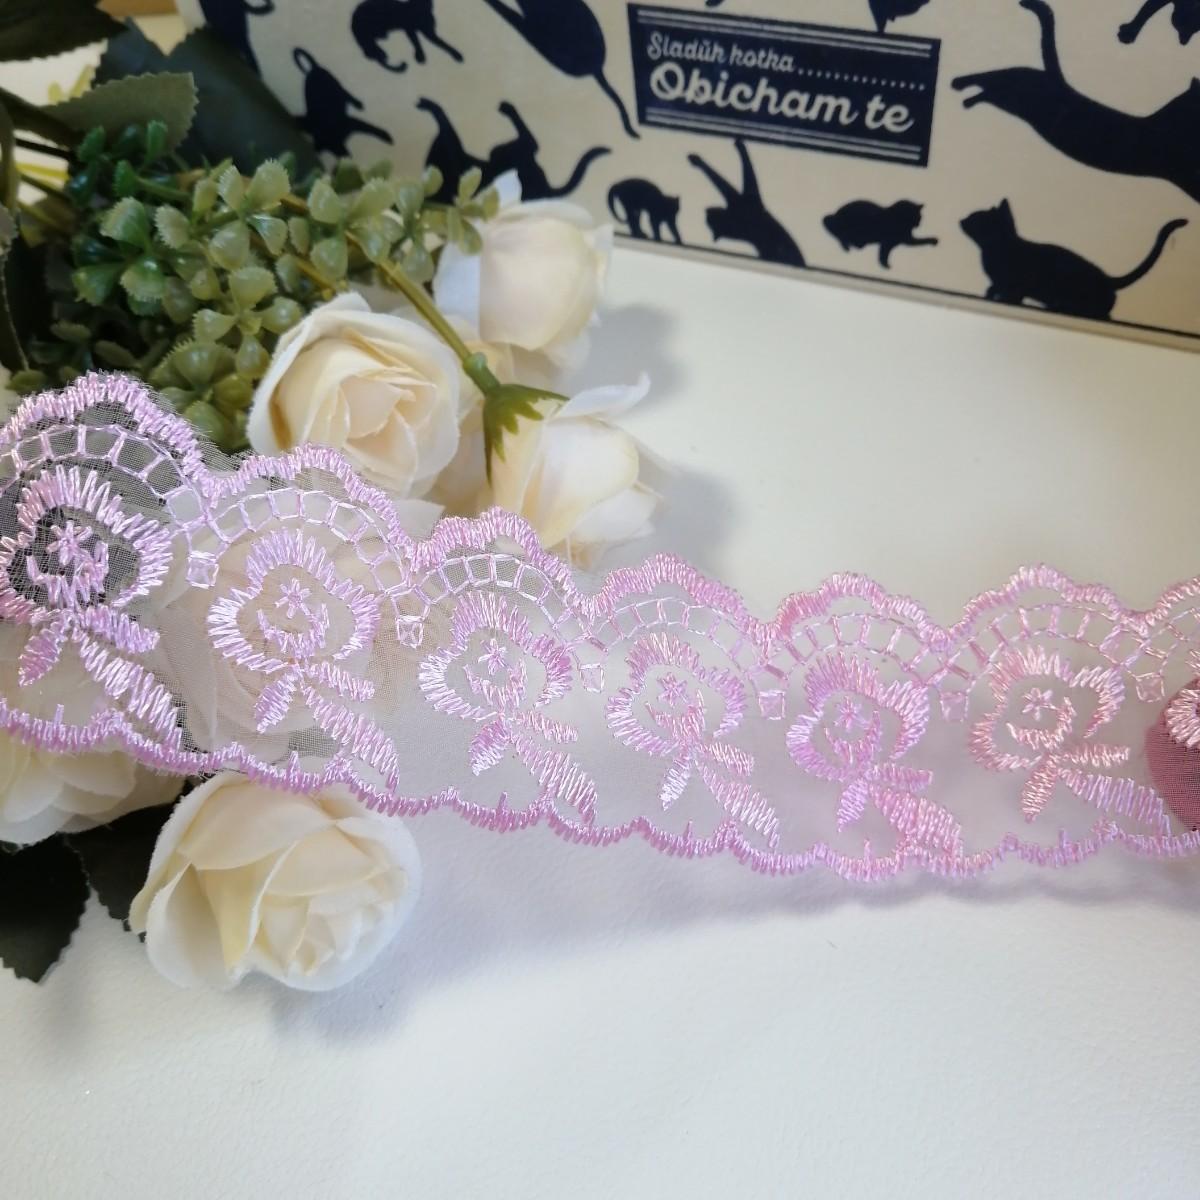 手作り ハンドメイド レース 編み 素材 材料 生地 チュールレース 薔薇 H1